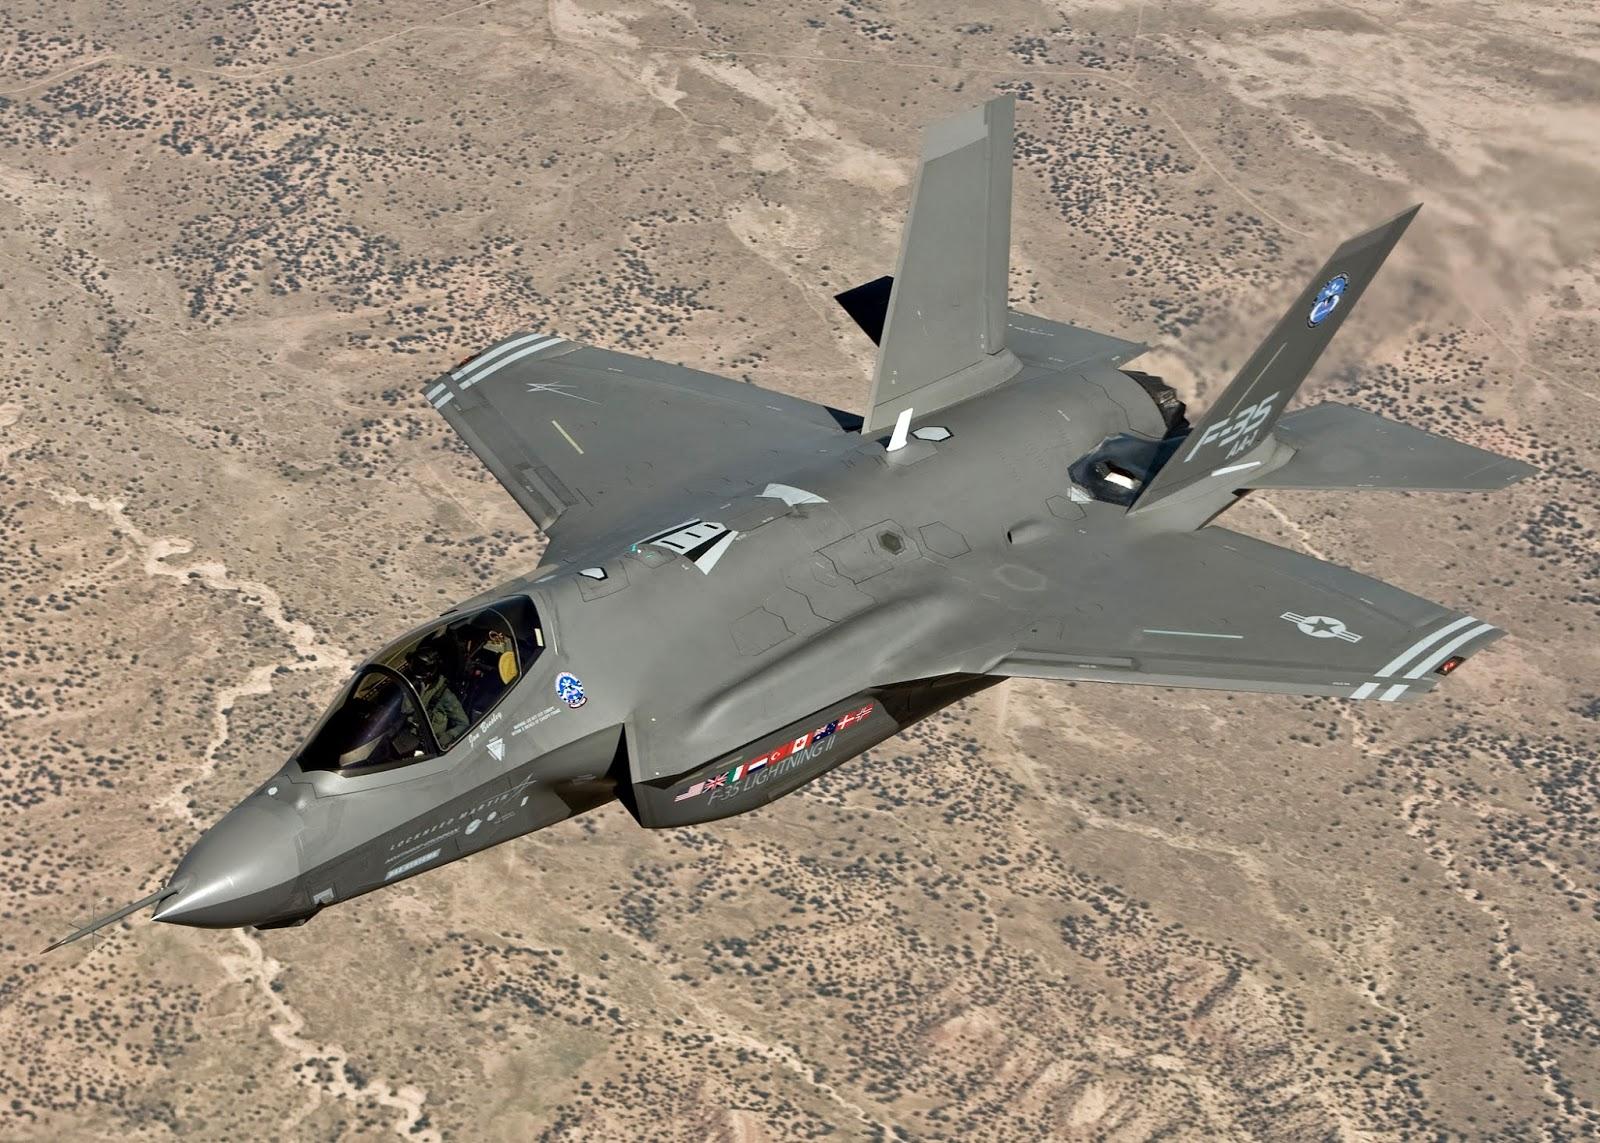 best fighter for canada fighter jet fight club f 35 lightning ii vs f a 18 super hornet. Black Bedroom Furniture Sets. Home Design Ideas